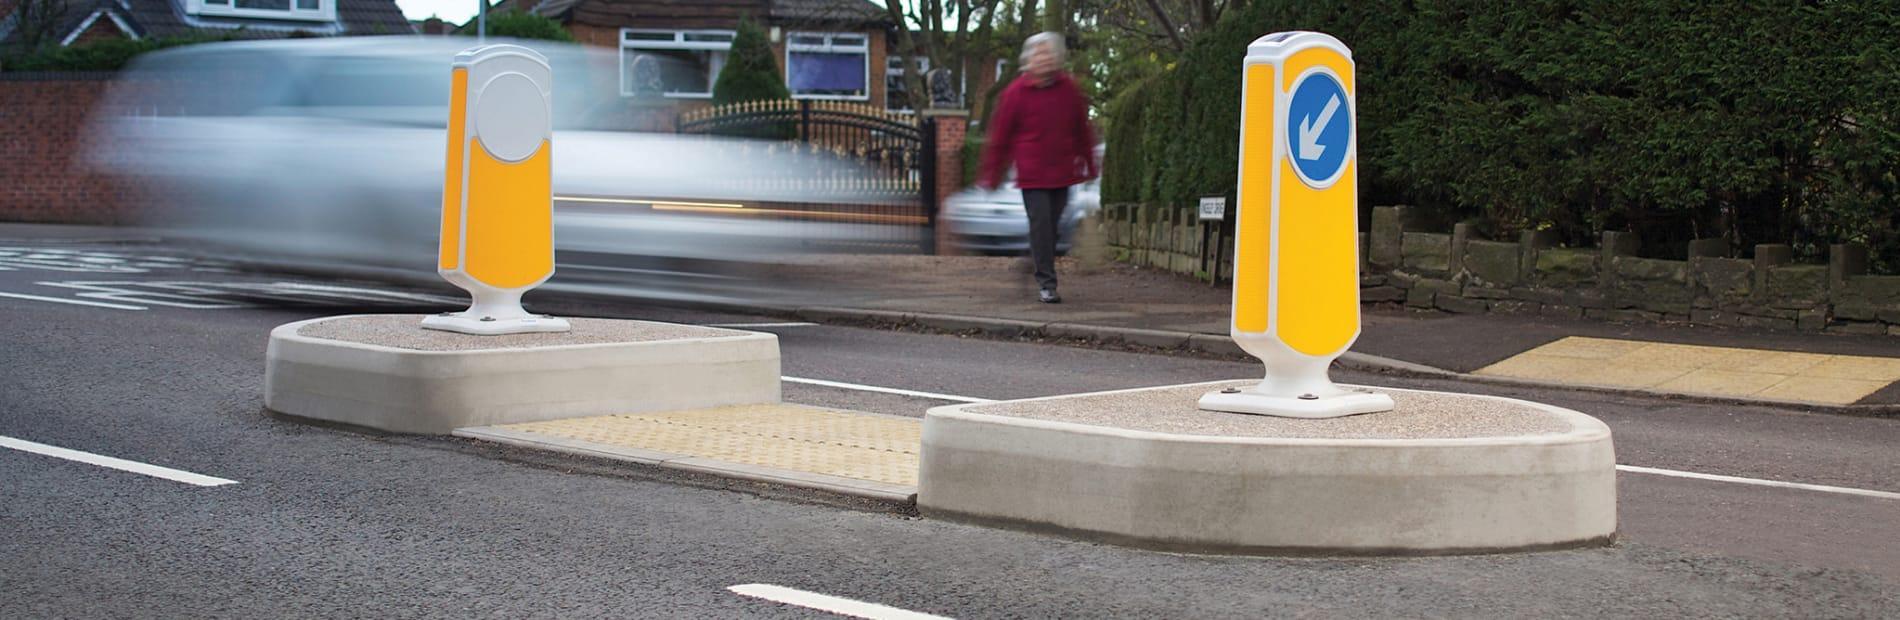 traffic island with pedestrian crossing